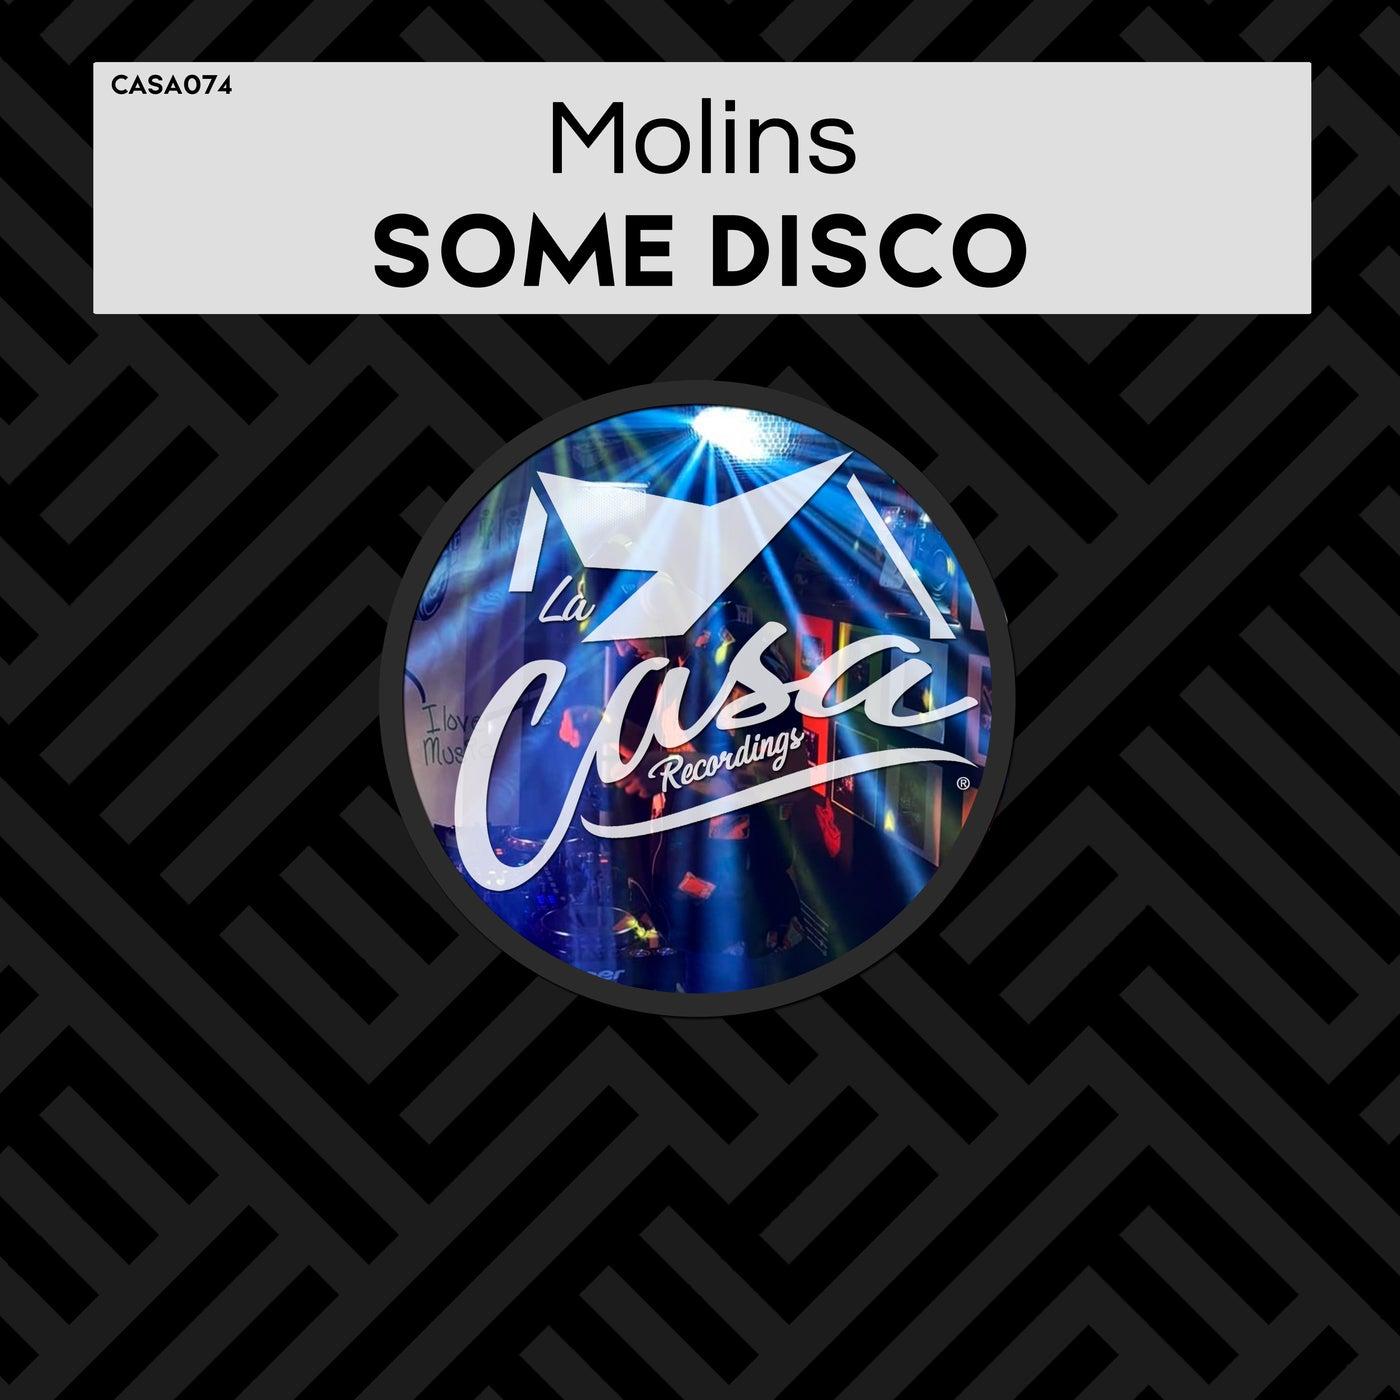 Some Disco (Original Mix)